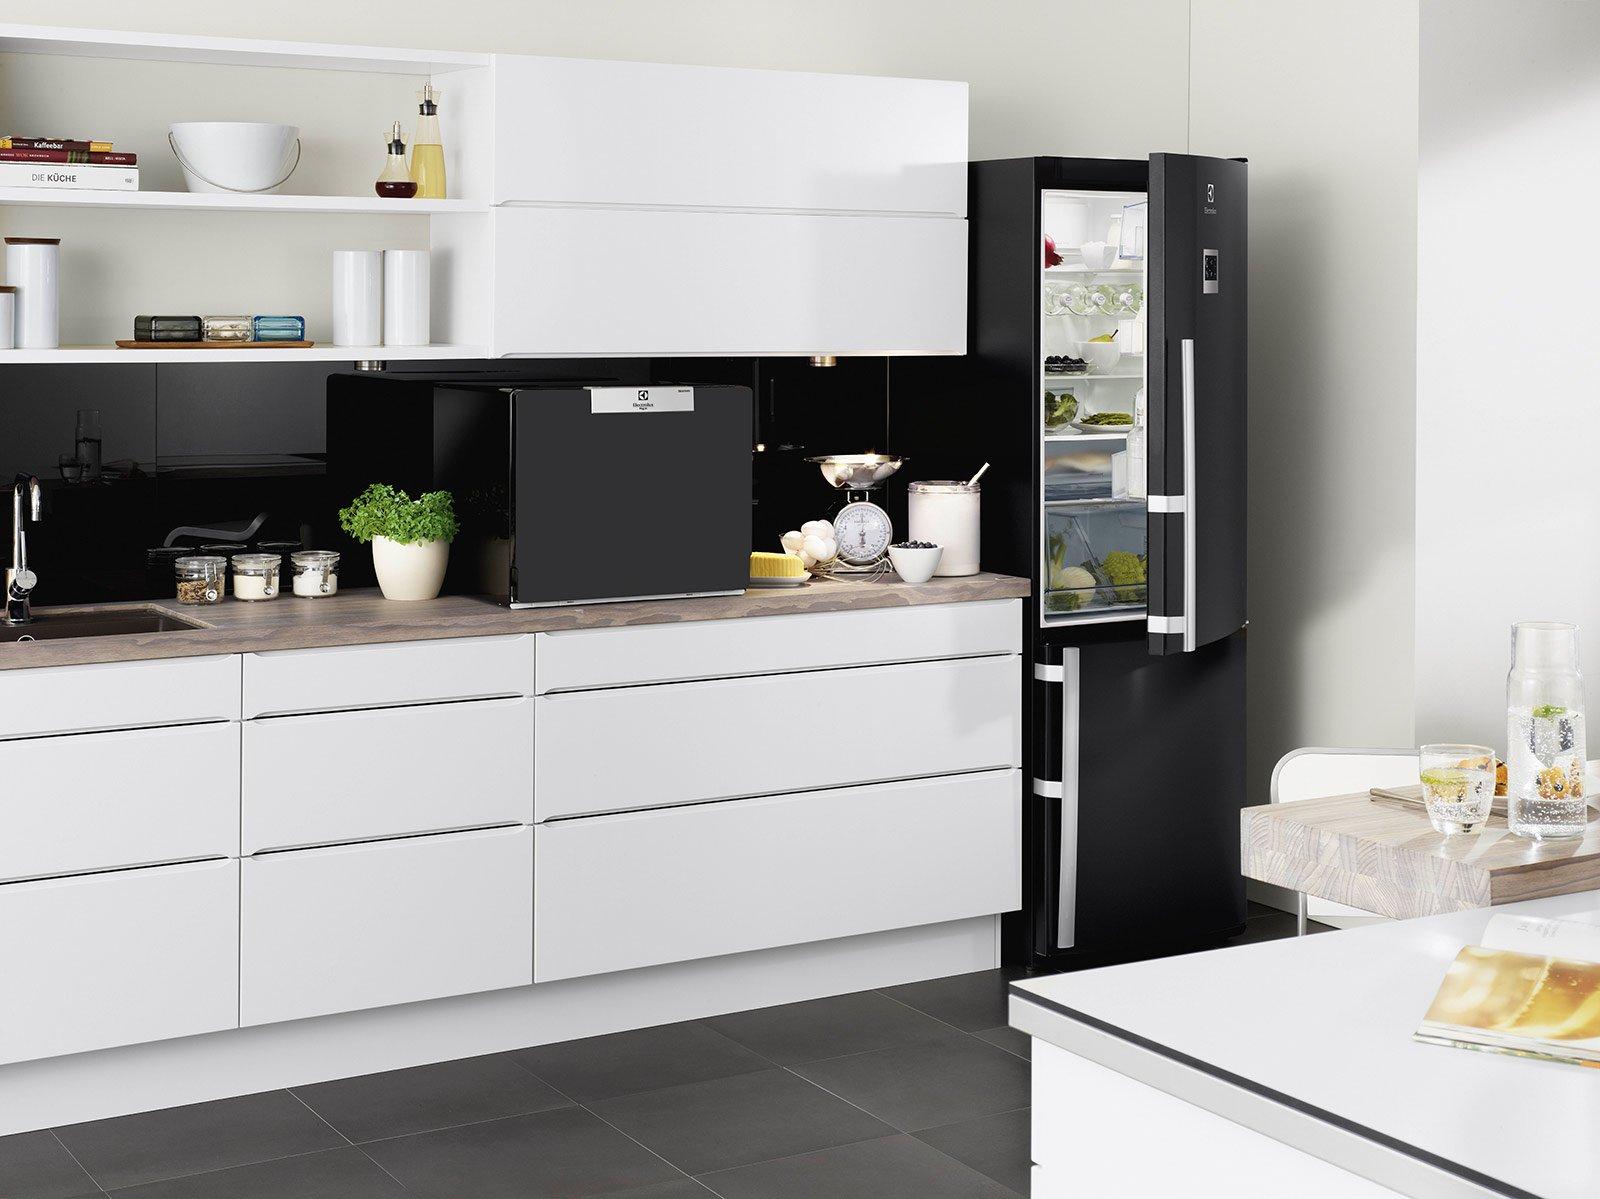 elettrodomestici piccoli per risparmiare spazio - cose di casa - Mobili Da Incasso Per Cucina